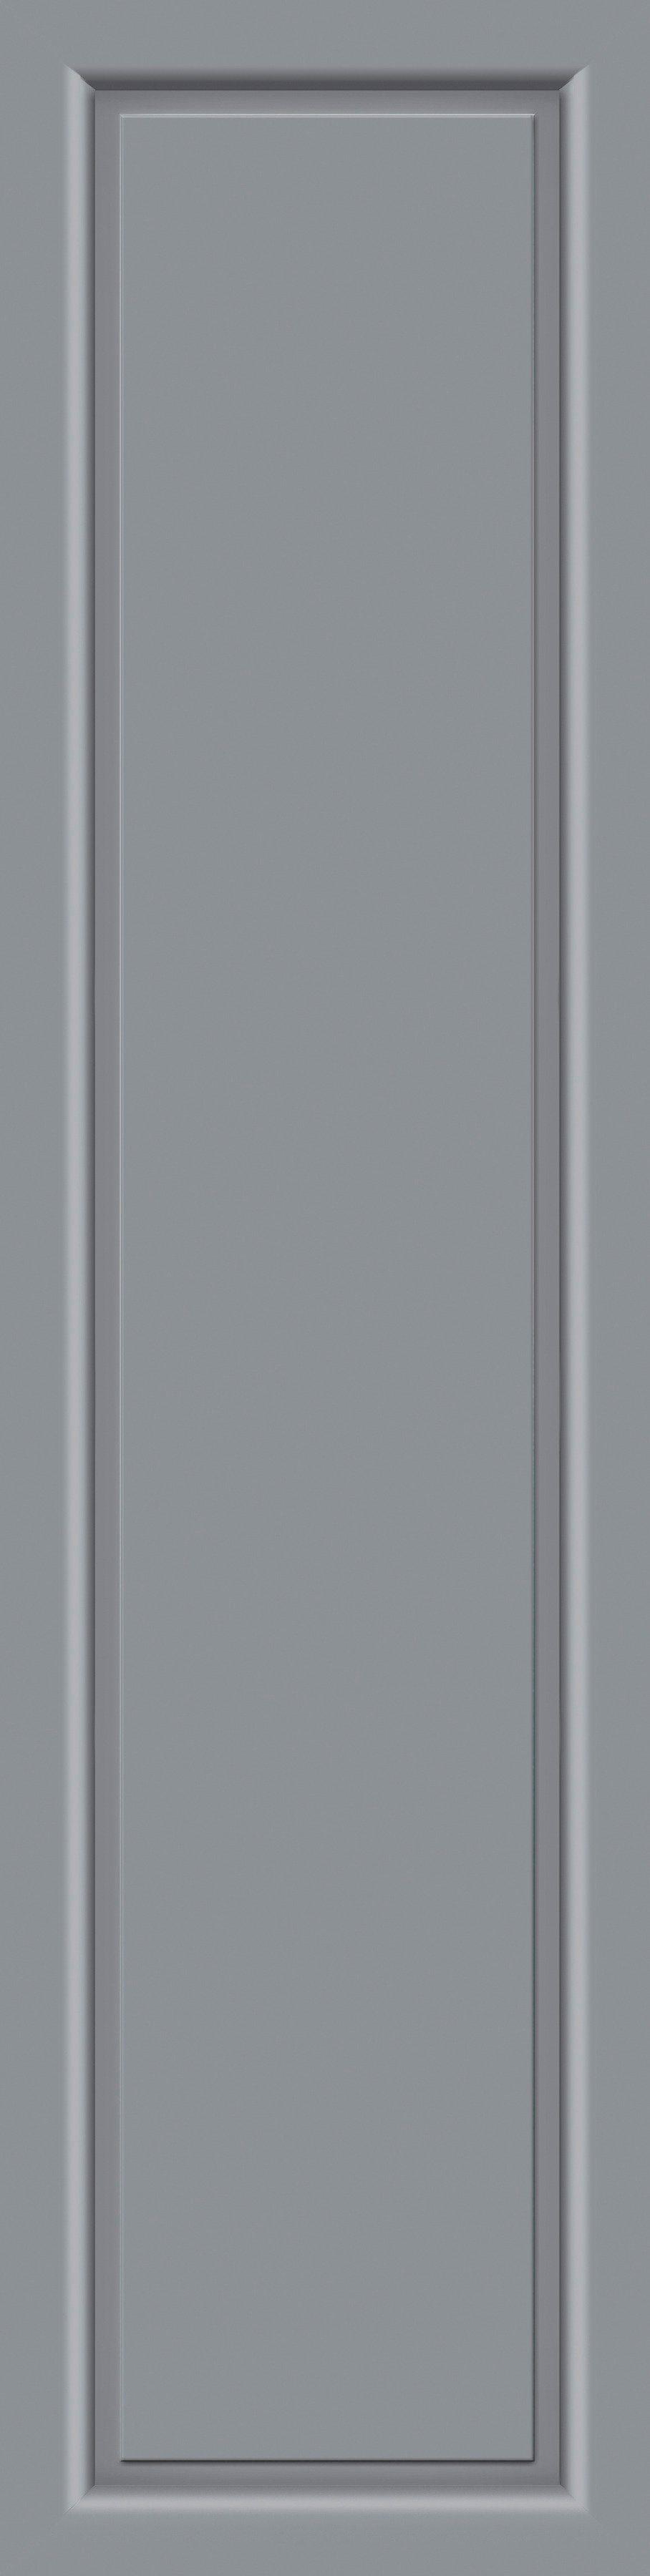 Seitenteile »Seitenteil für Alu-Haustür«